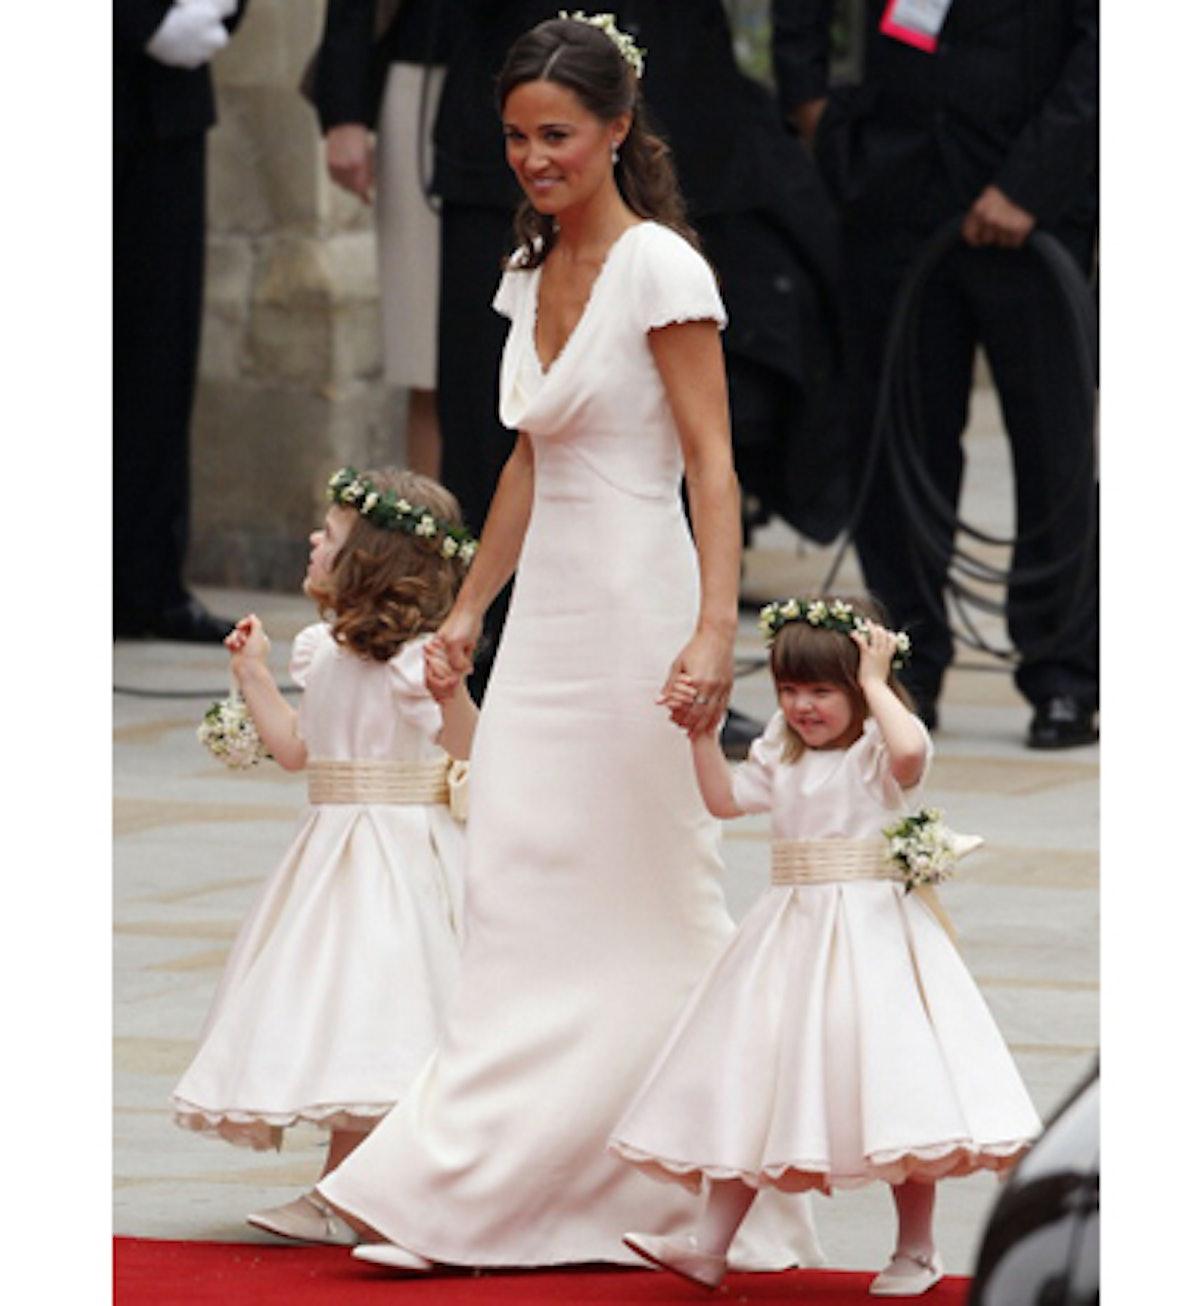 blog-royal-wedding-best-dressed-04.jpg